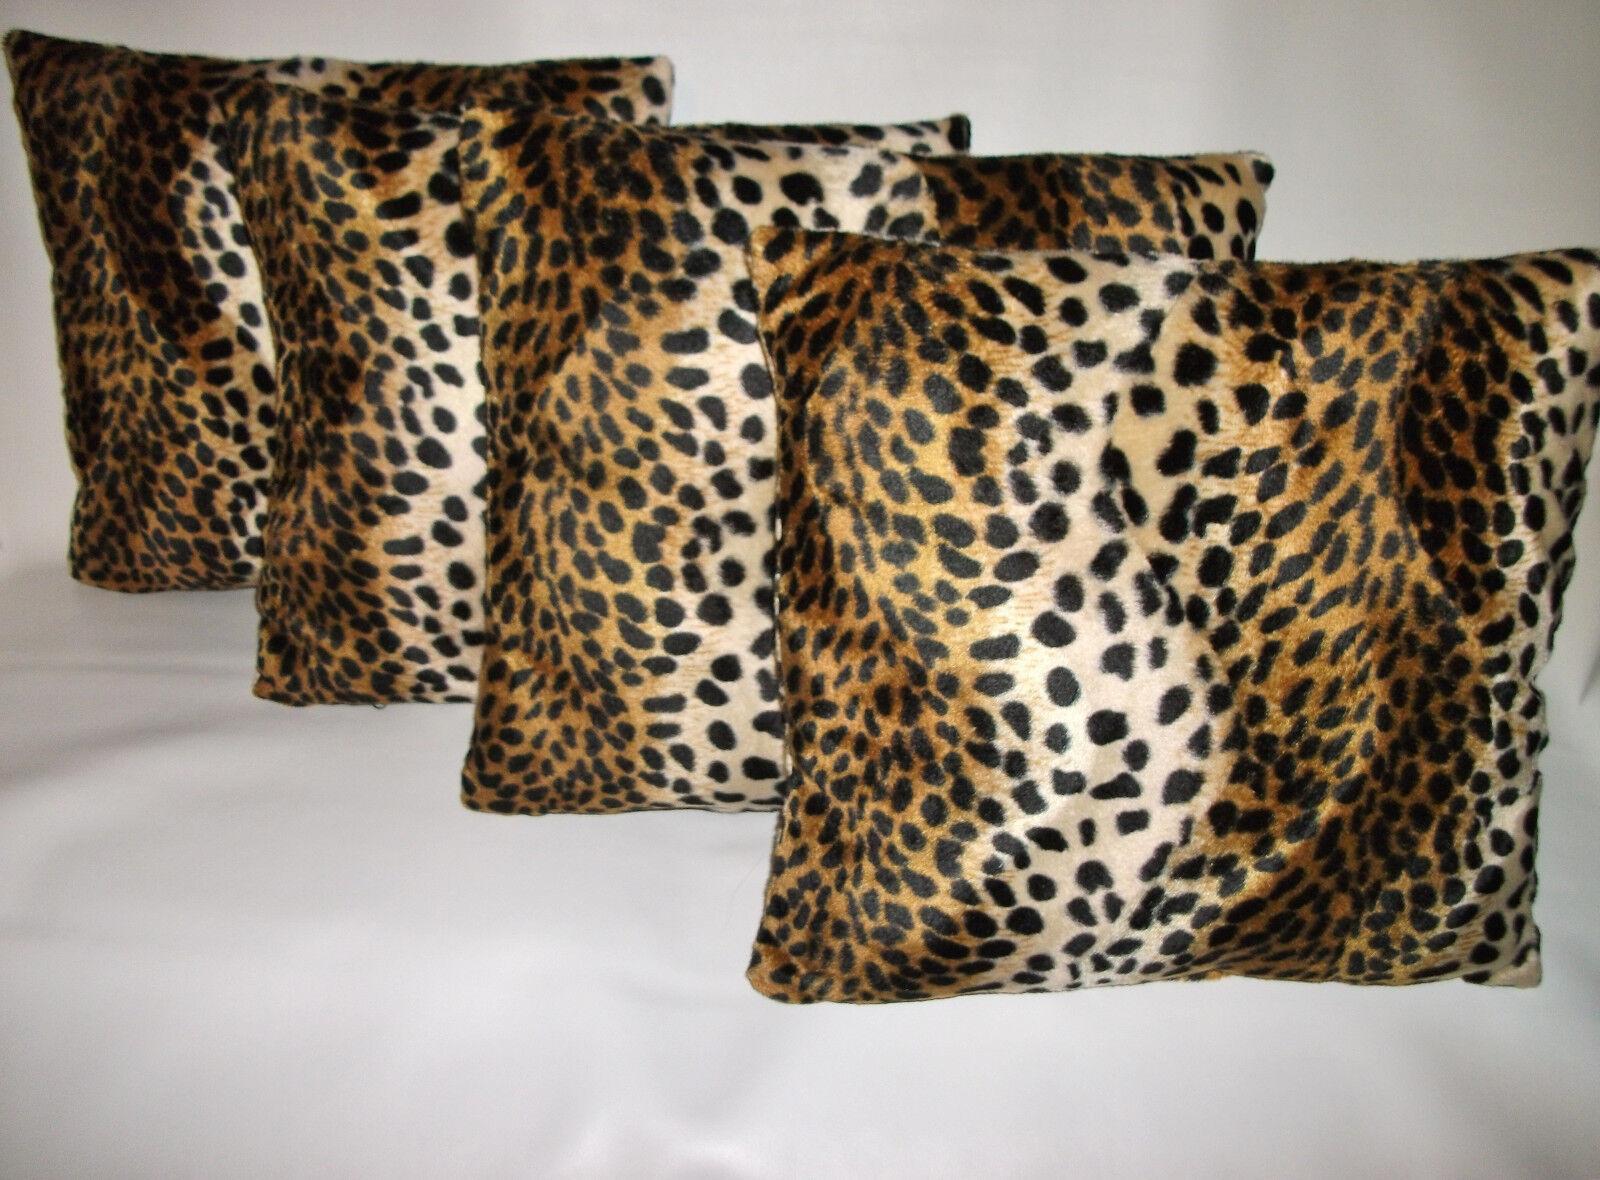 4 in pelliccia sintetica morbida Velboa Leopard Design Copricuscino 16  18  20  Cuscini a Dispersione